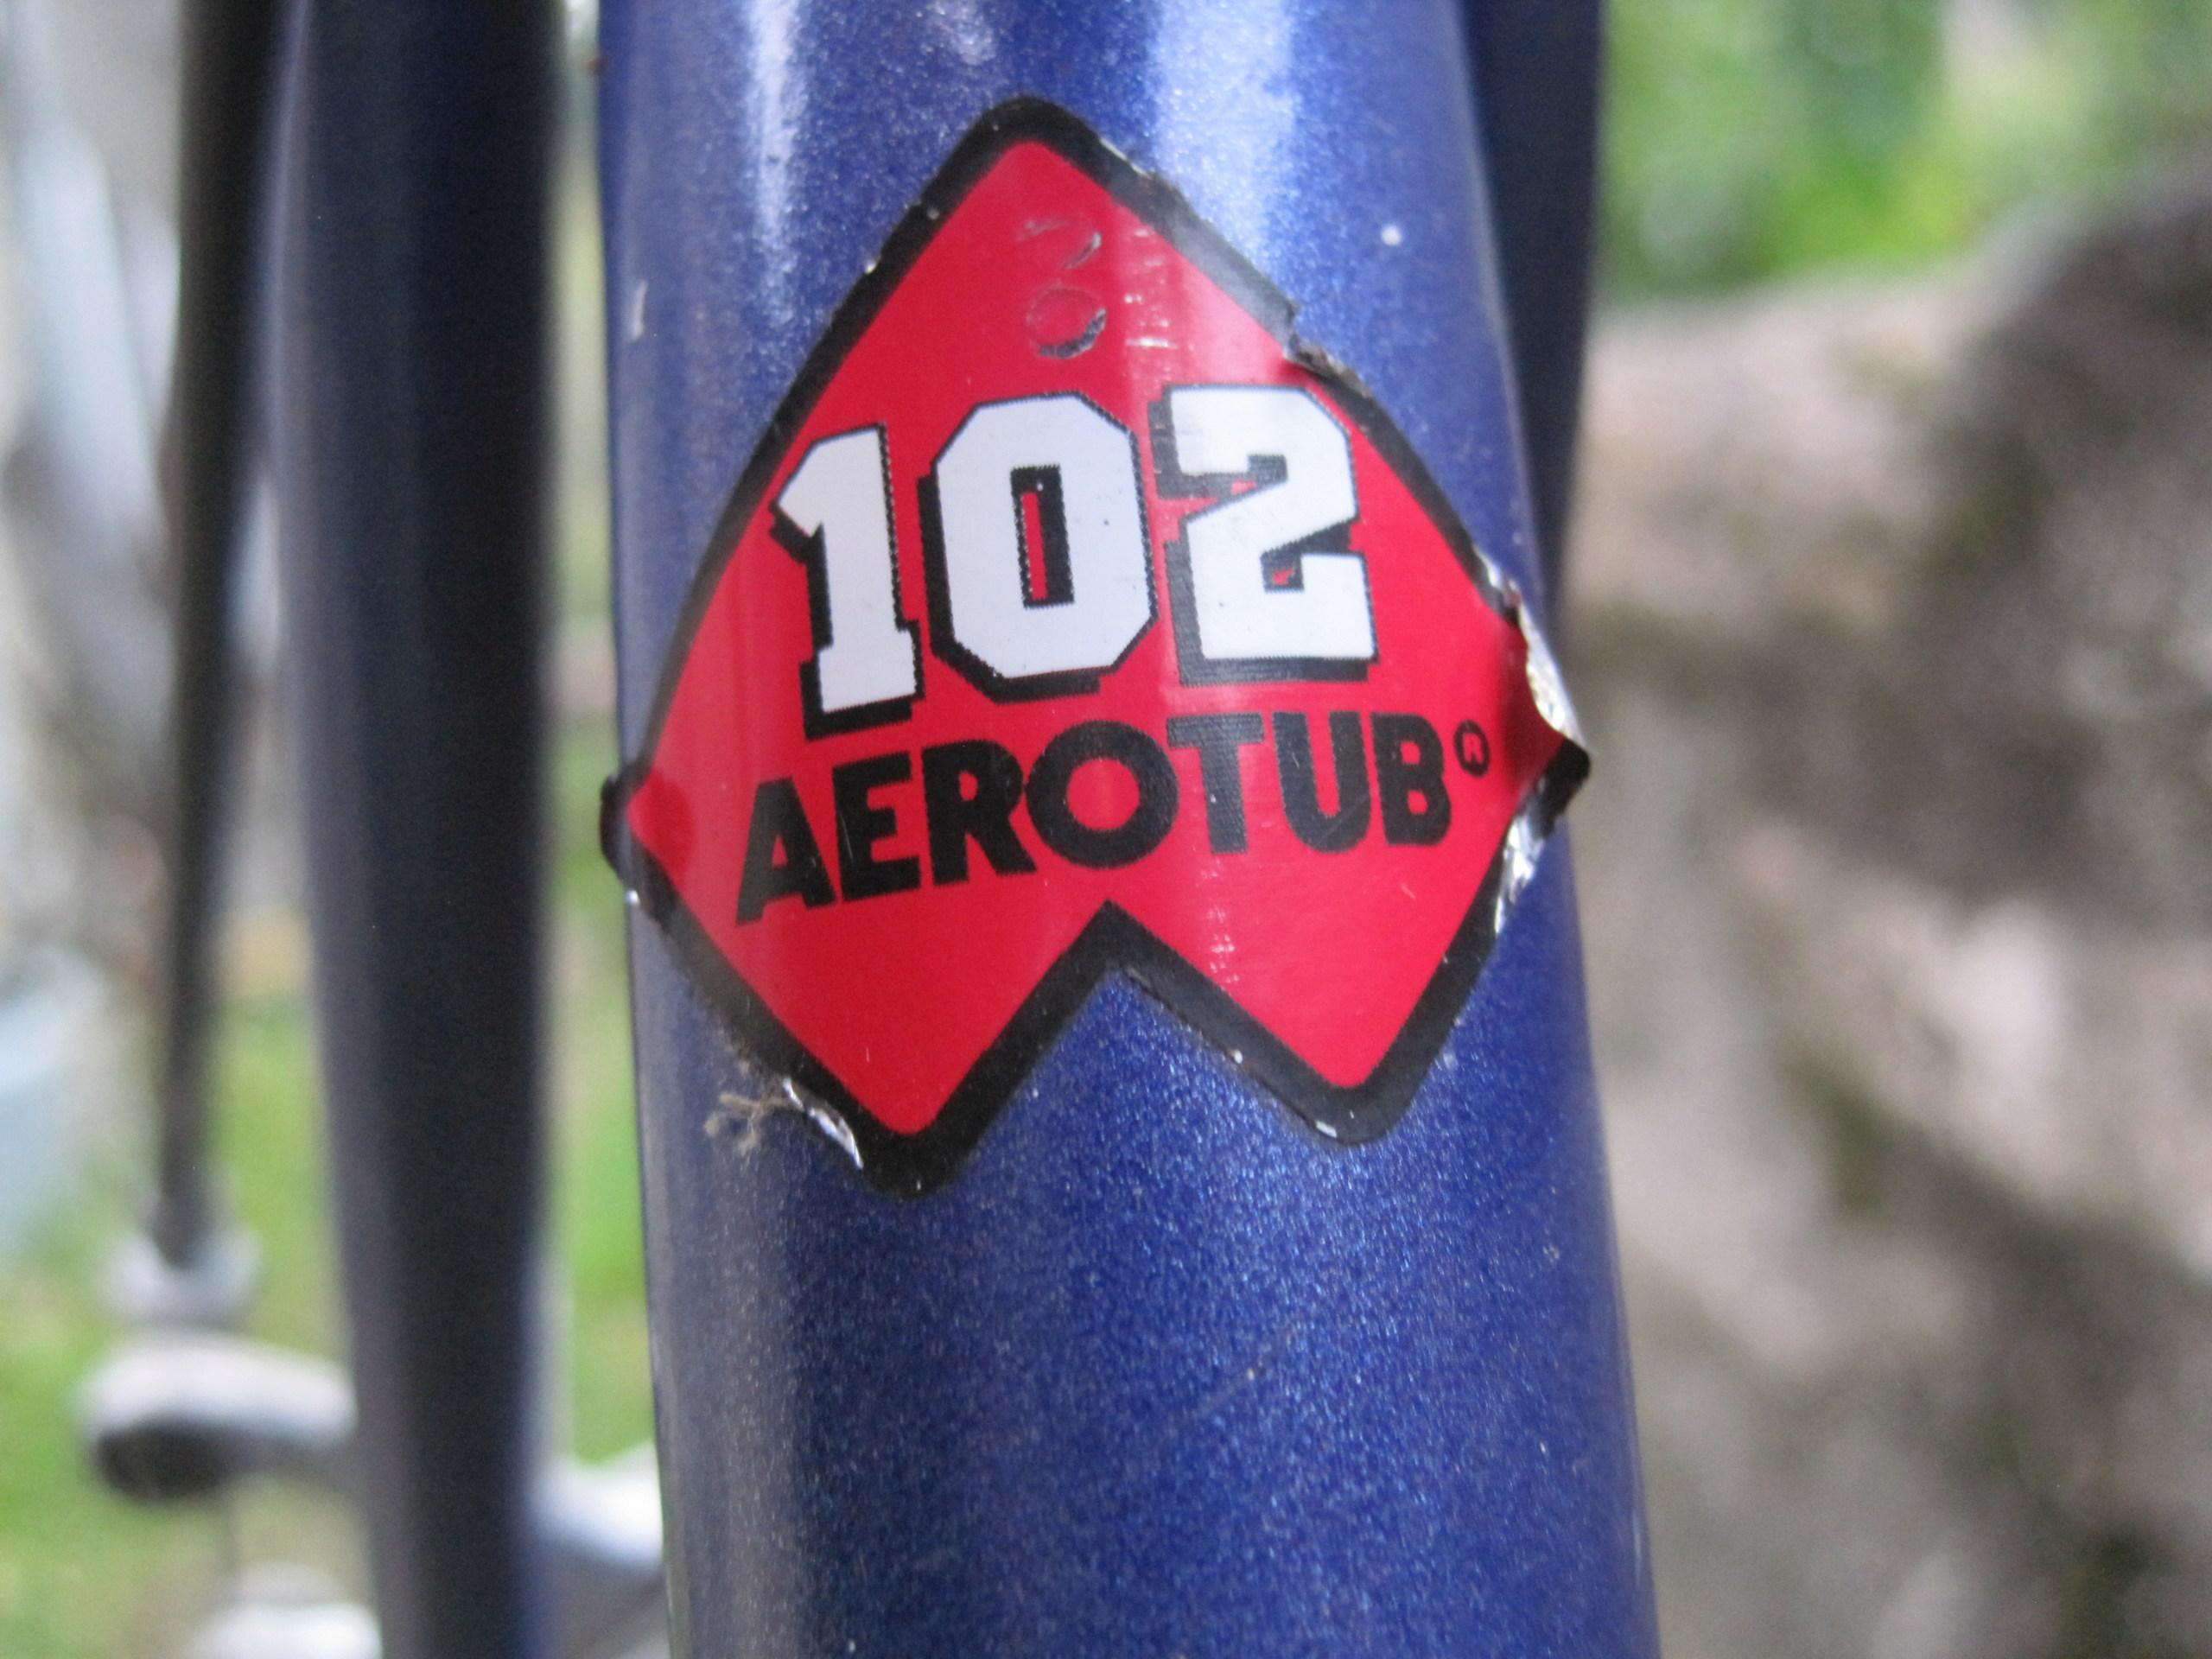 Retaper Gitane Aerotube 102 bleu Img_8420